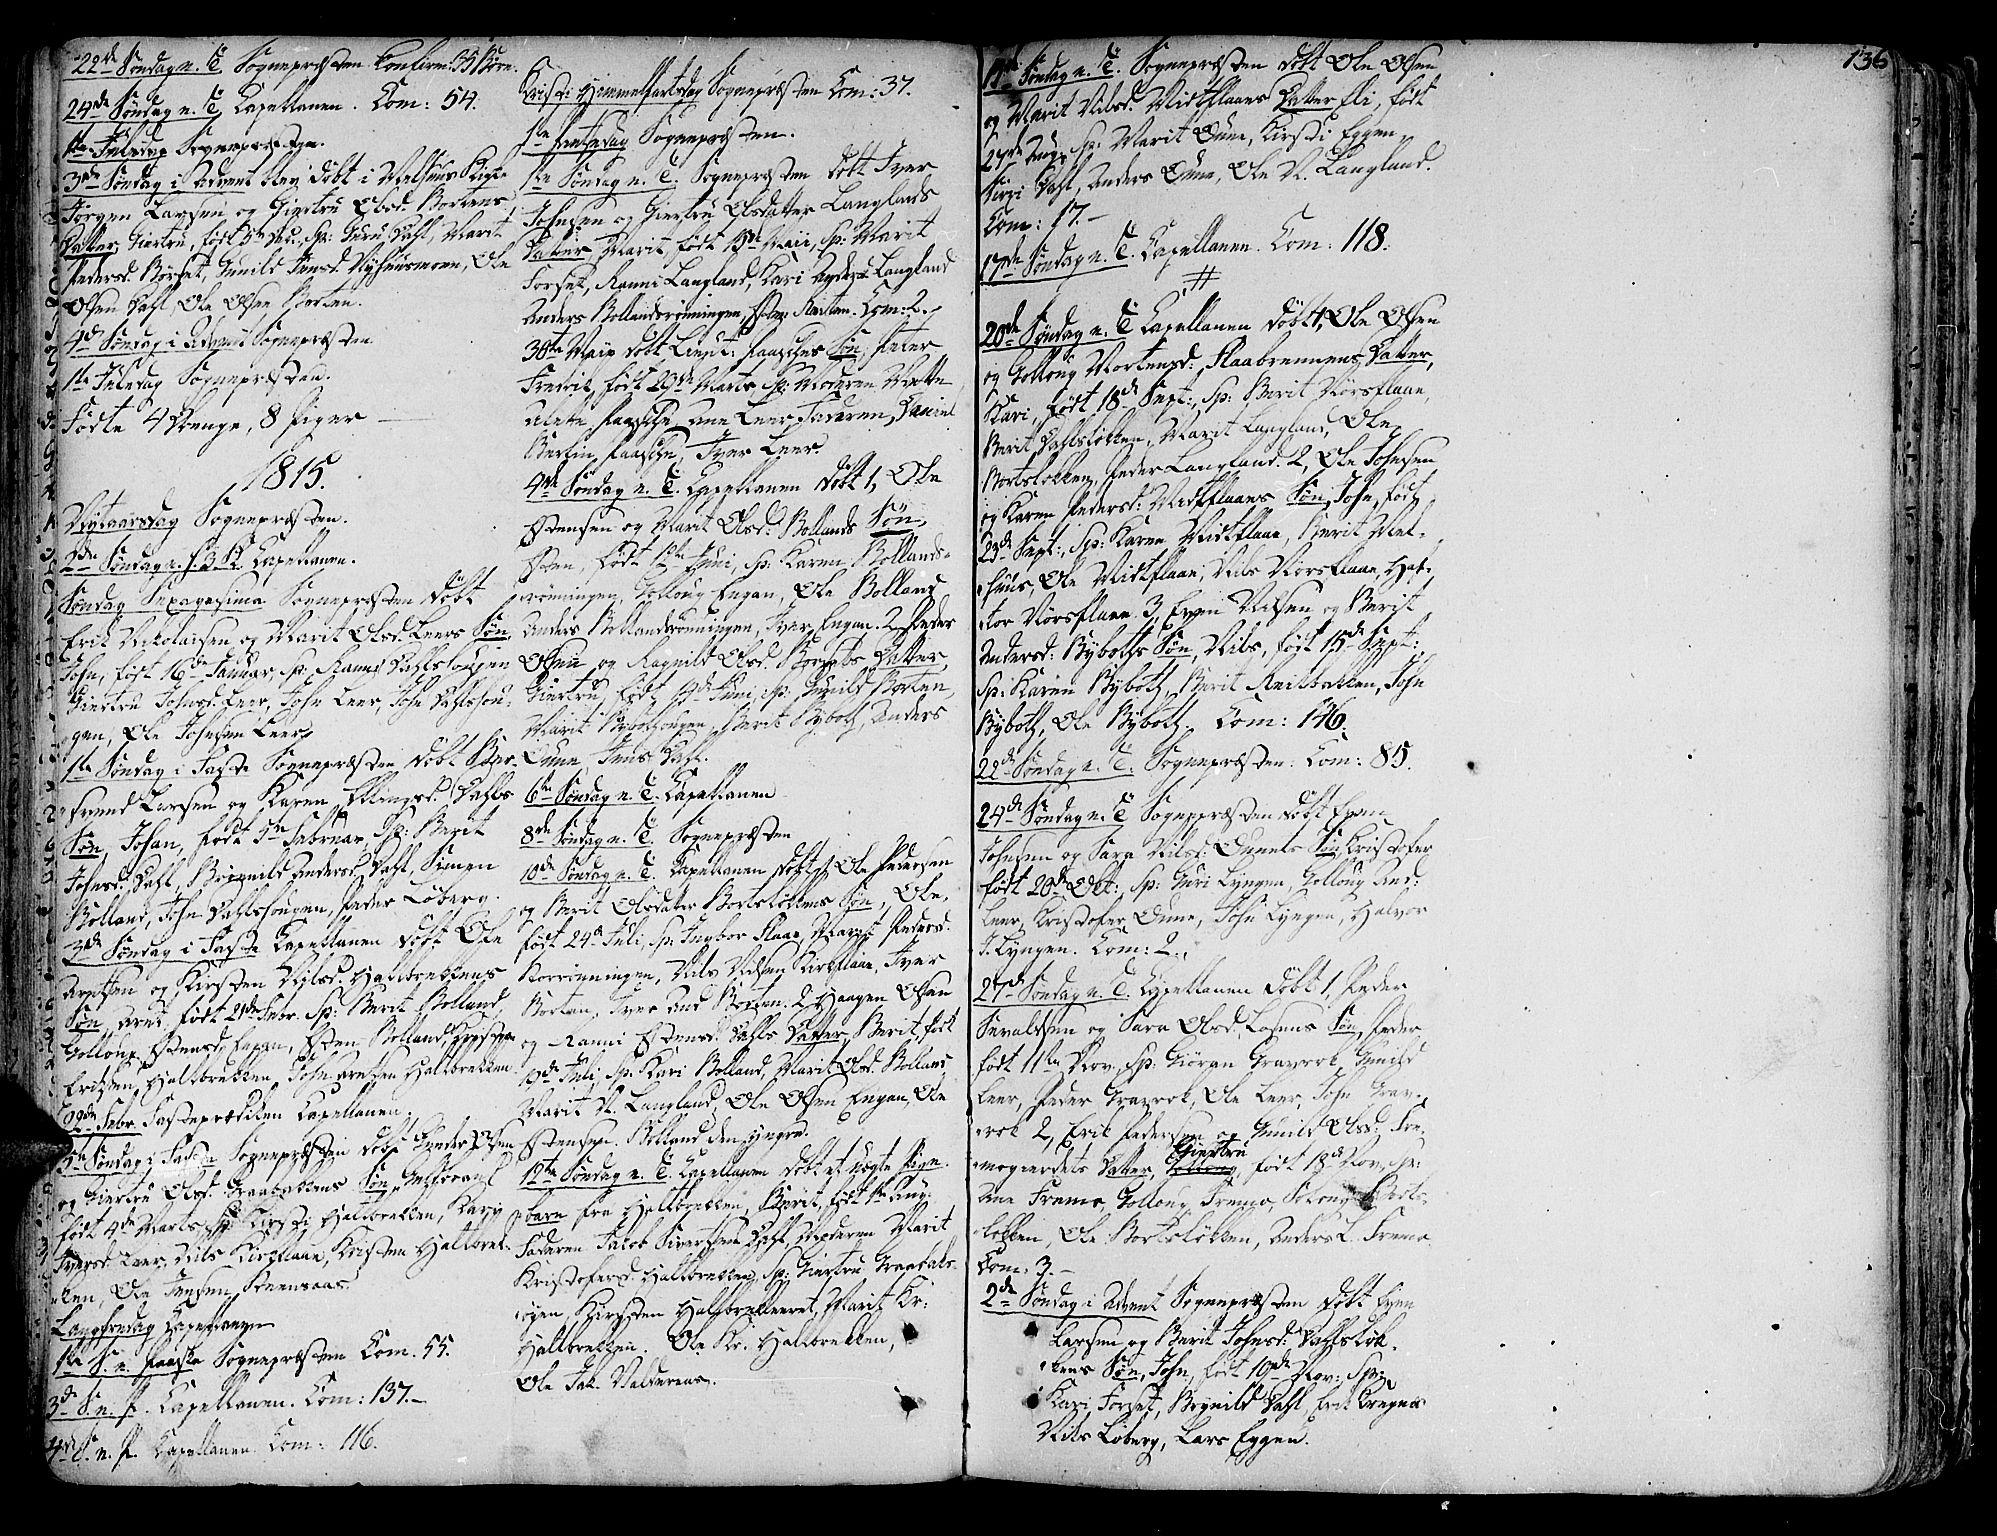 SAT, Ministerialprotokoller, klokkerbøker og fødselsregistre - Sør-Trøndelag, 691/L1062: Ministerialbok nr. 691A02 /2, 1768-1815, s. 136